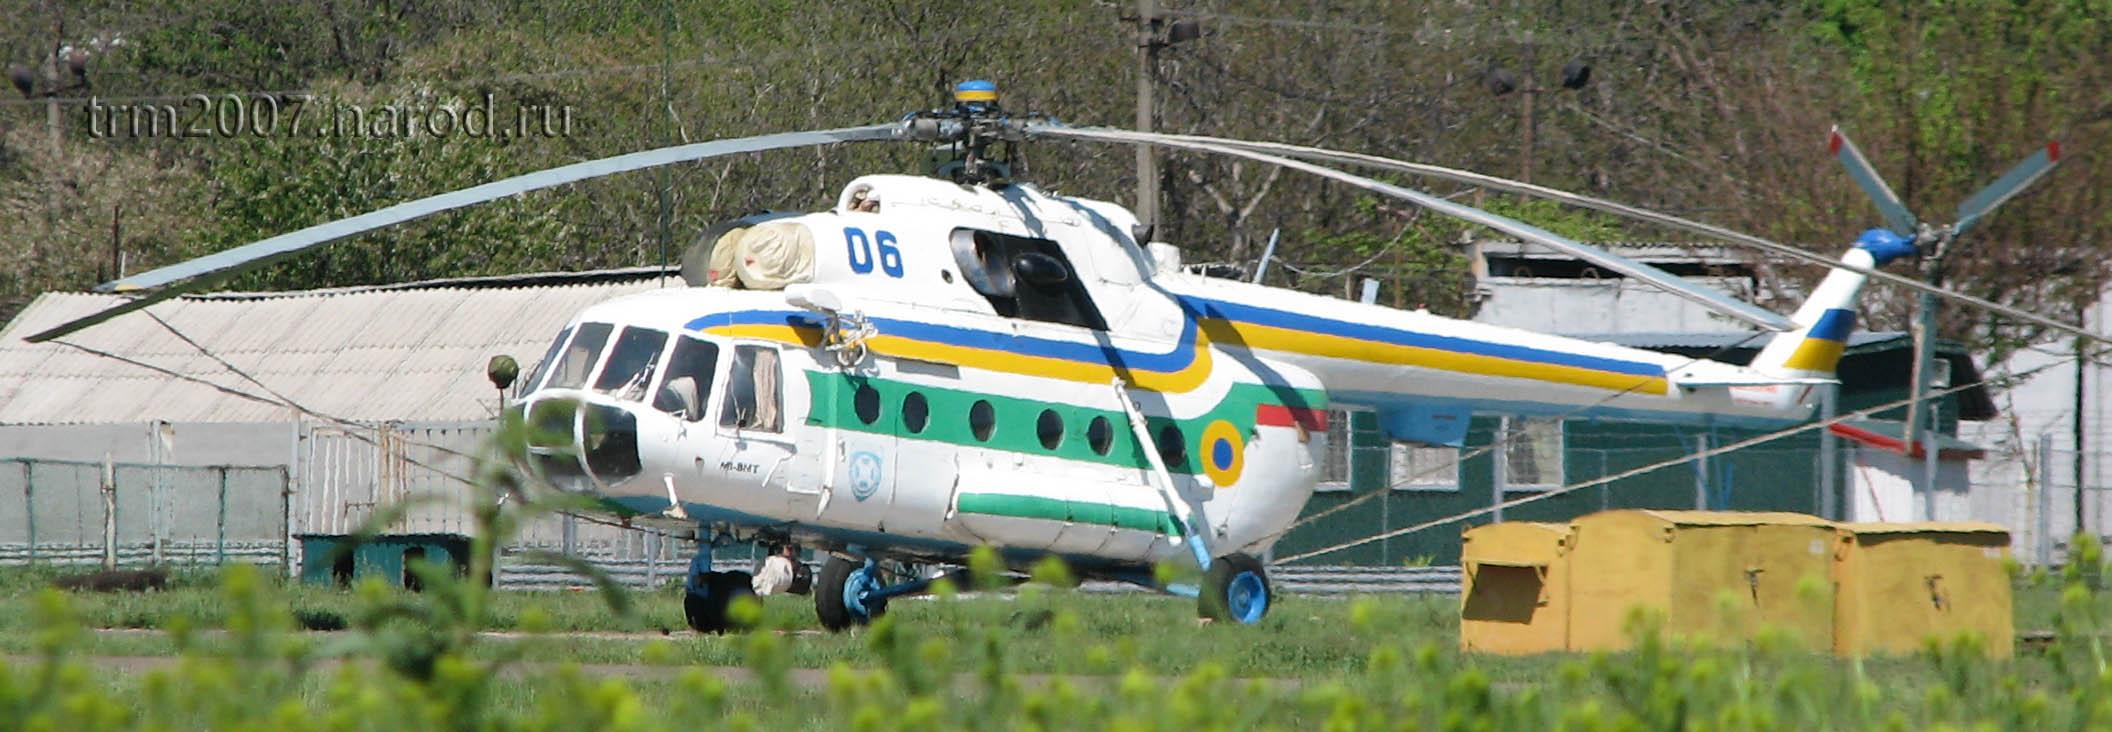 Летный МИ-8МТ